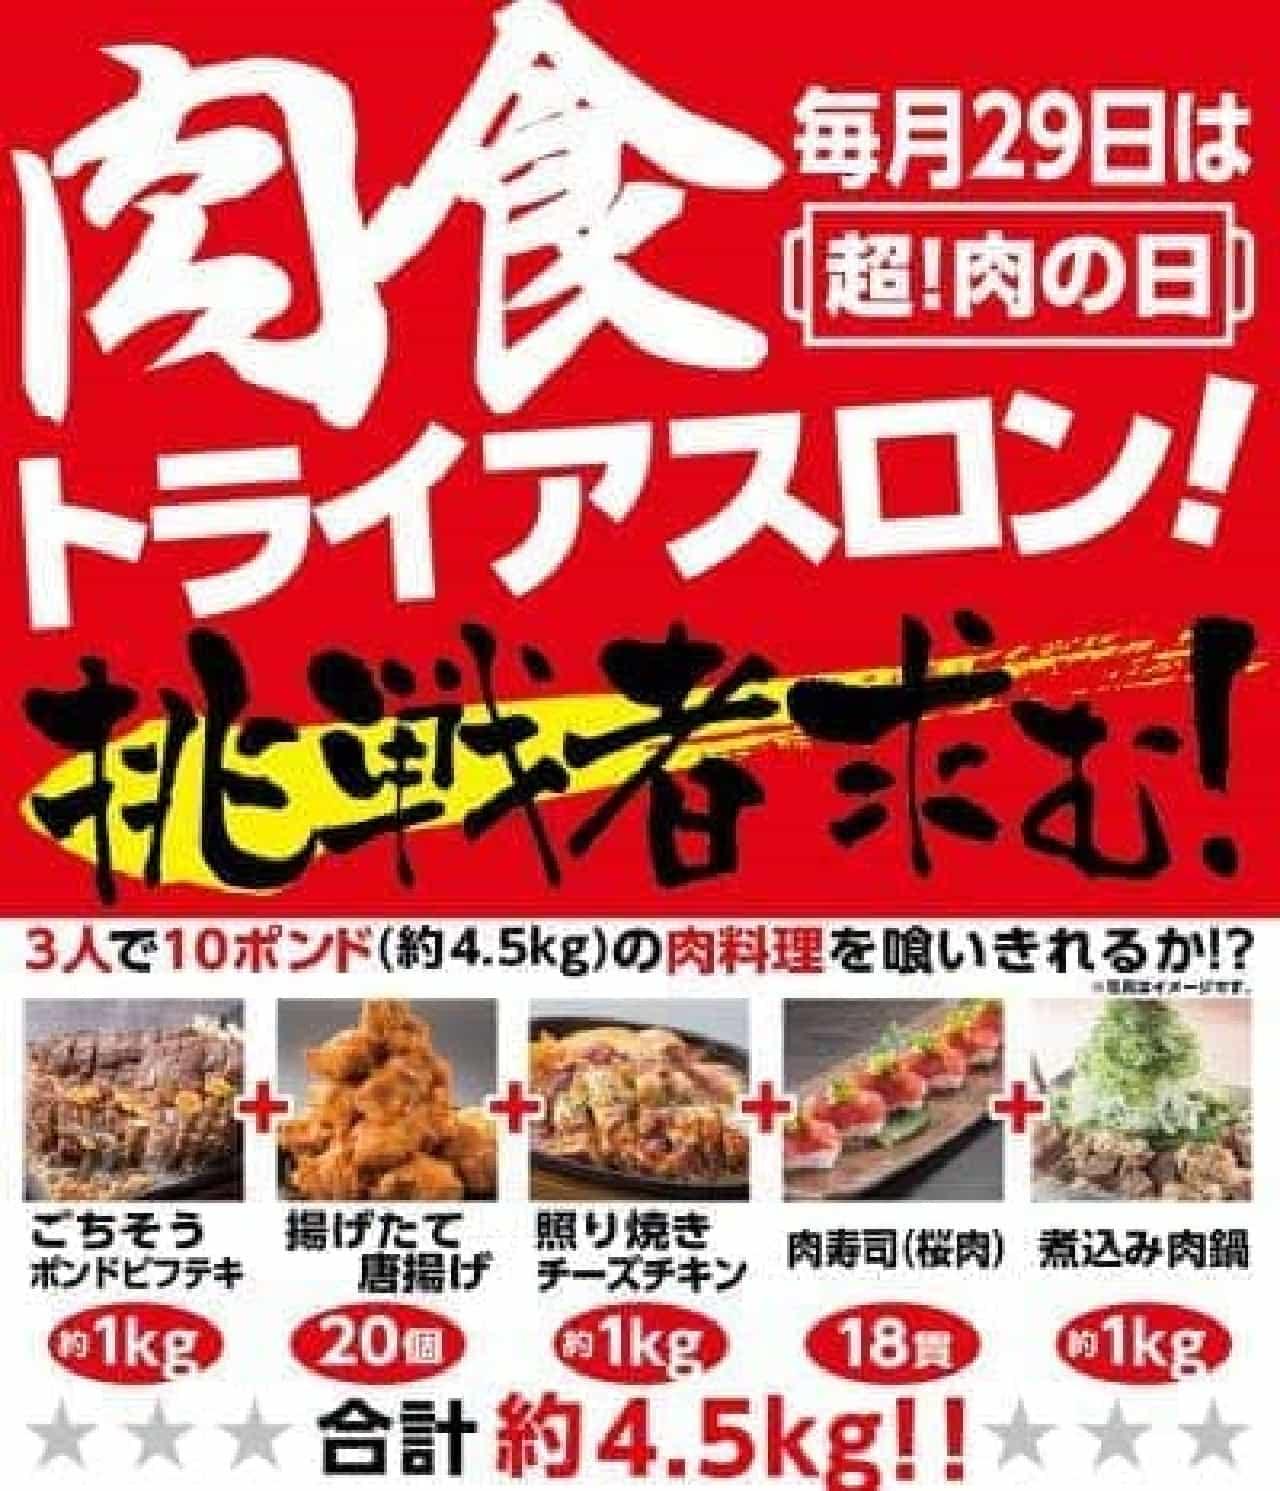 「肉食トライアスロン」は、全5品、総量約4.5kgの肉料理を3人1組で食べきる大食いイベント